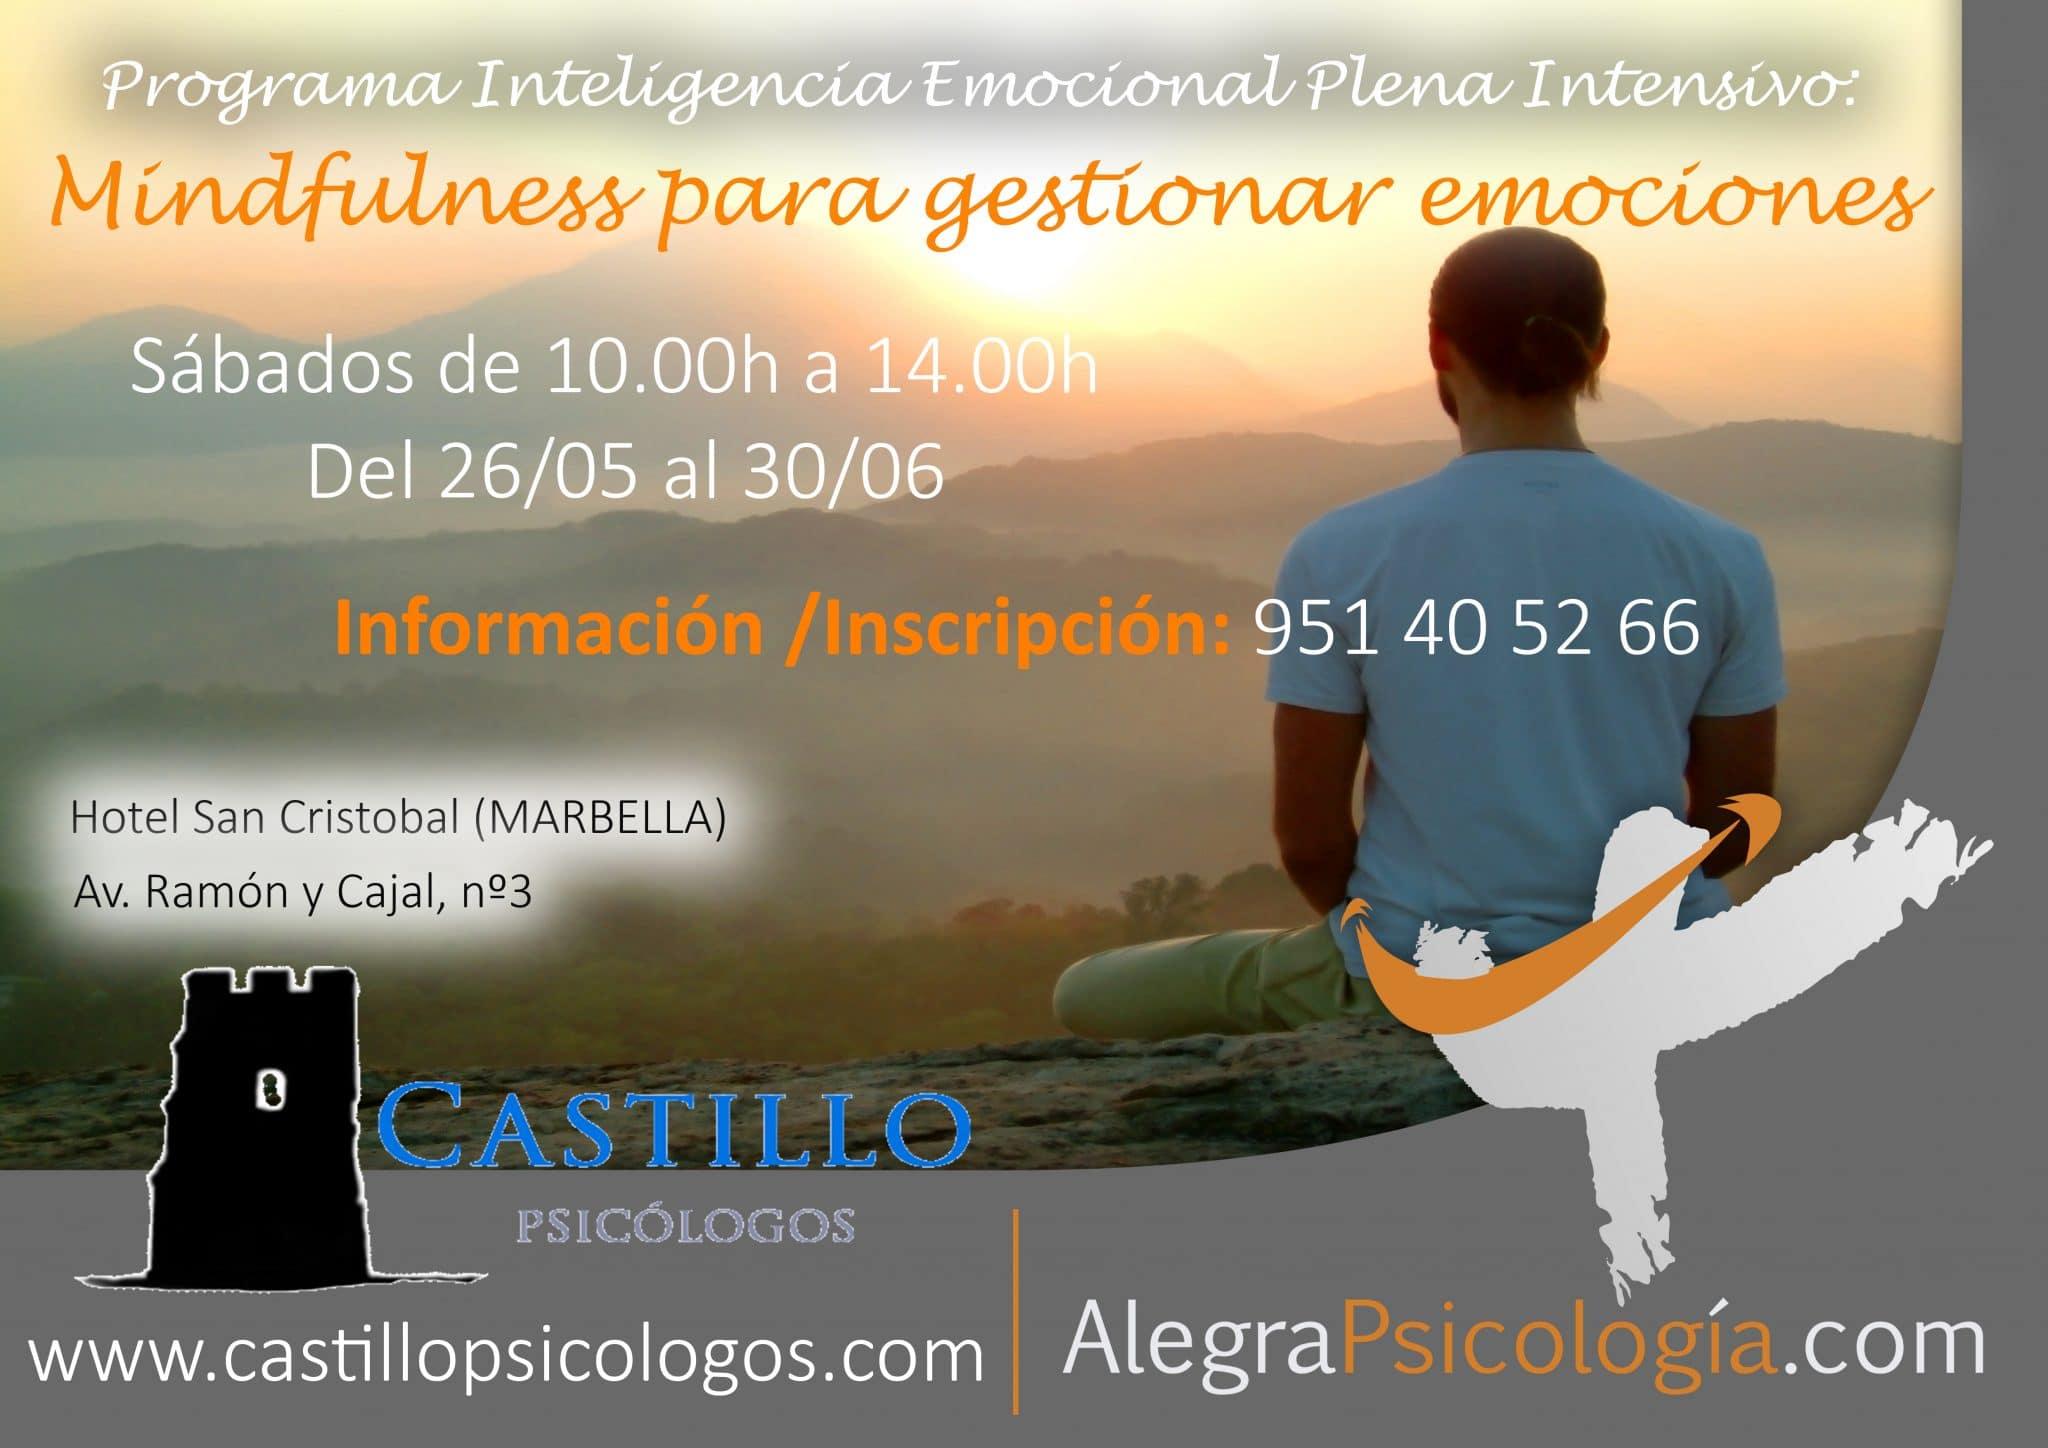 Mindfulness Alegra